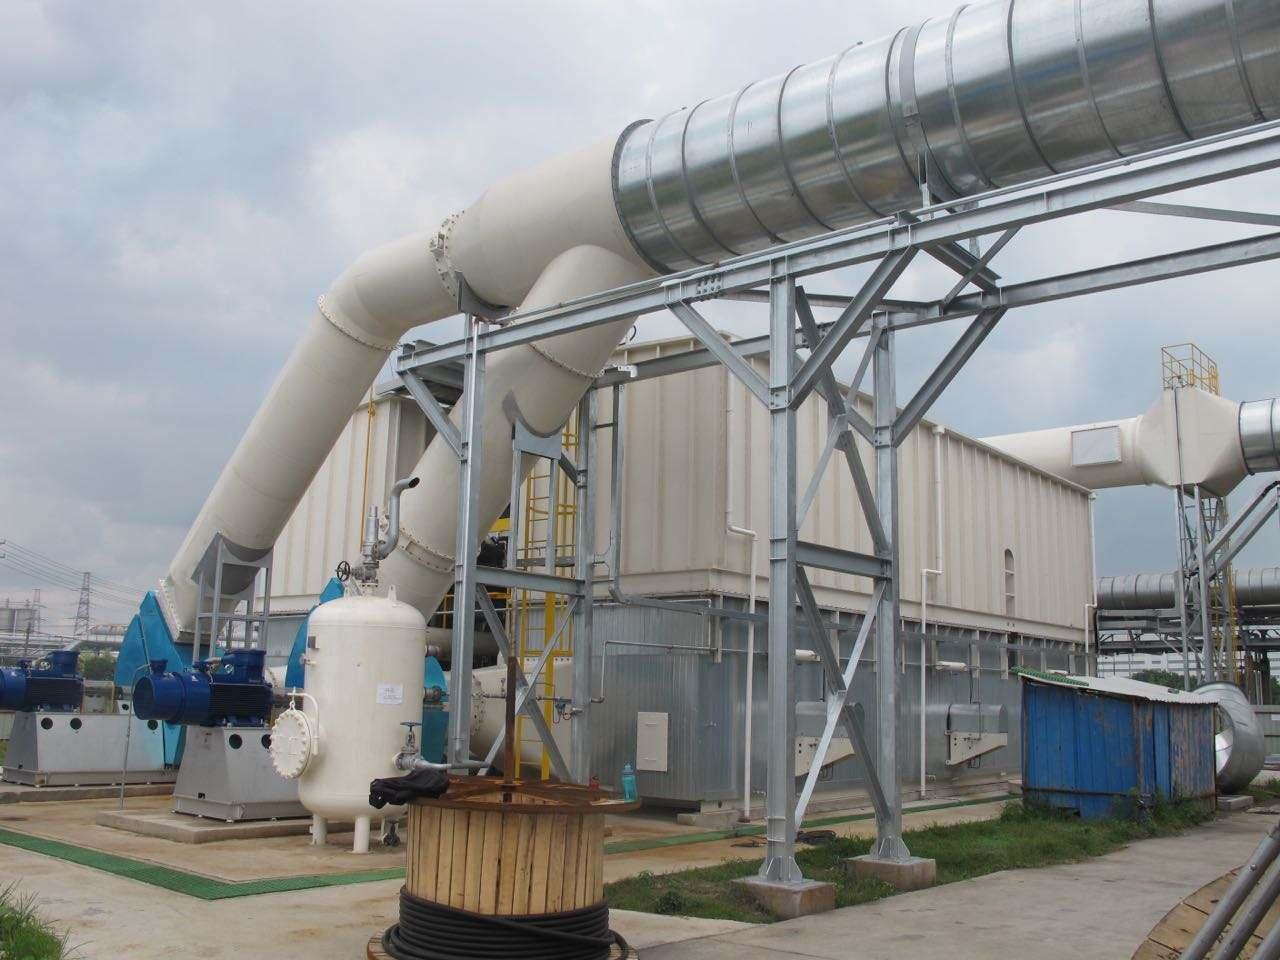 蓄热氧化回收多少钱_沧州高性价蓄热式热氧化处理设备批售